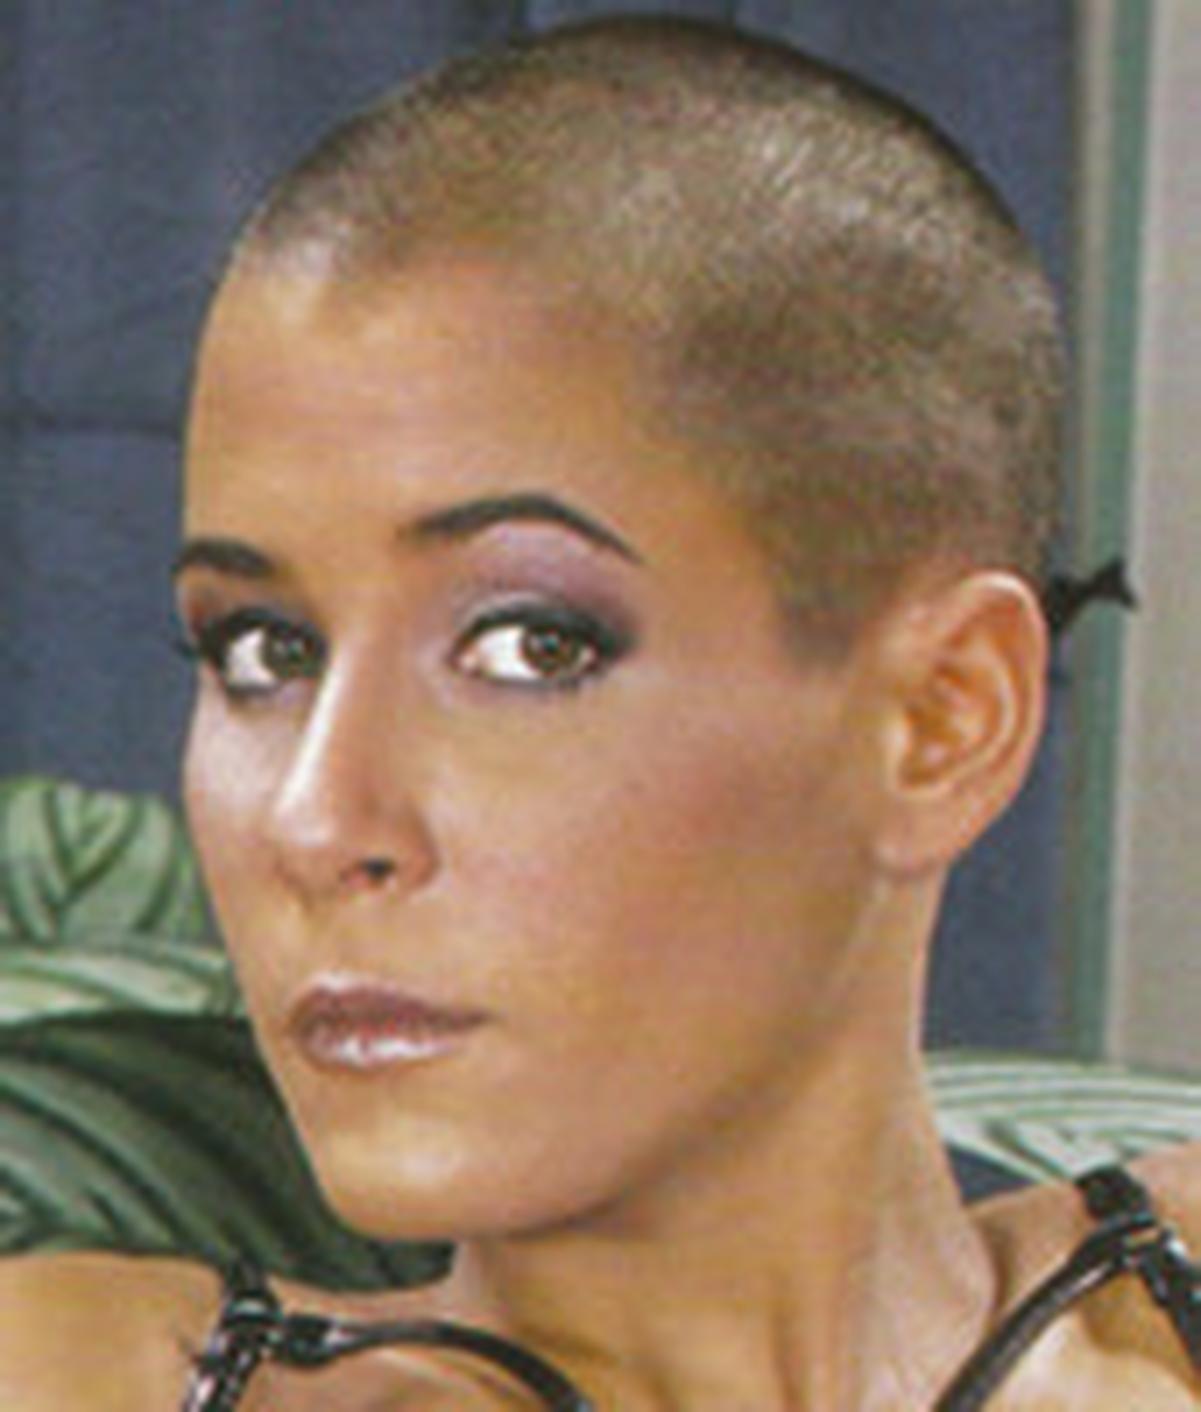 Claudia DeMoro